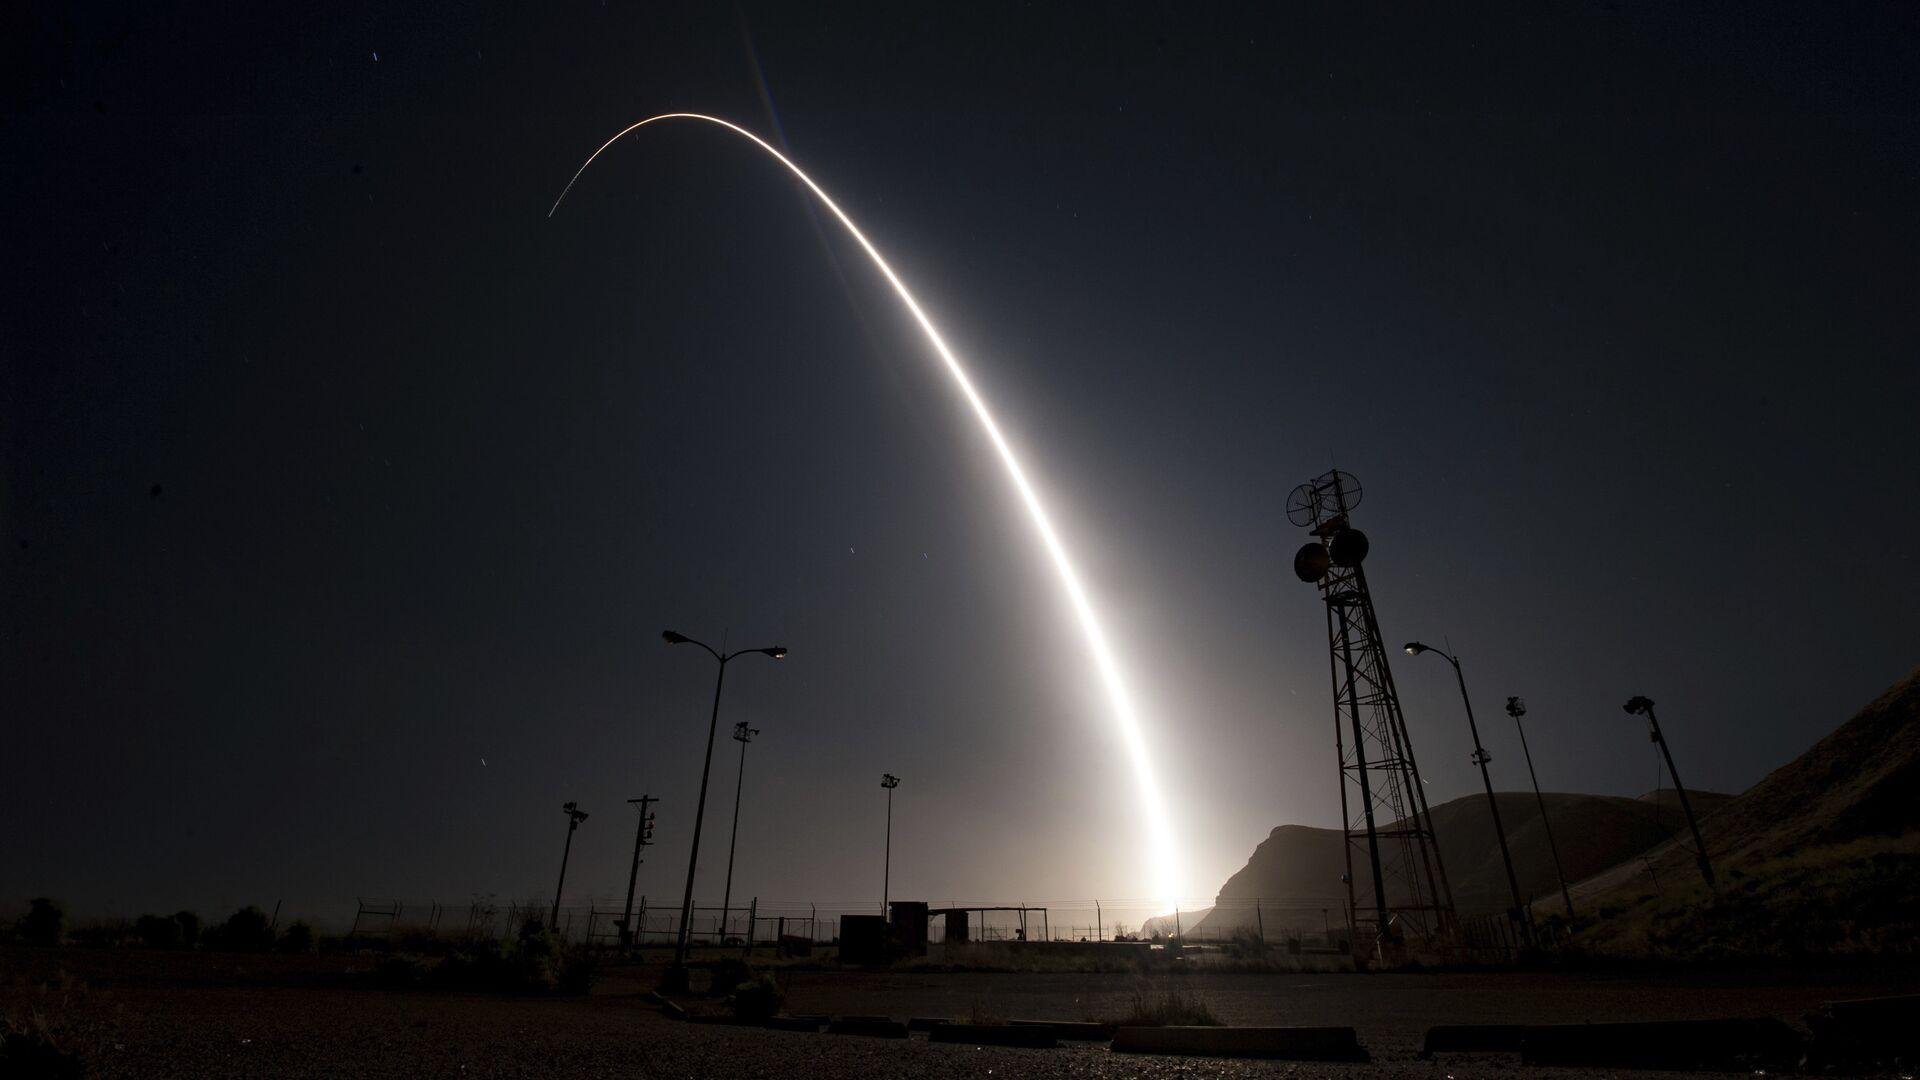 Испытания ракеты - РИА Новости, 1920, 14.06.2021